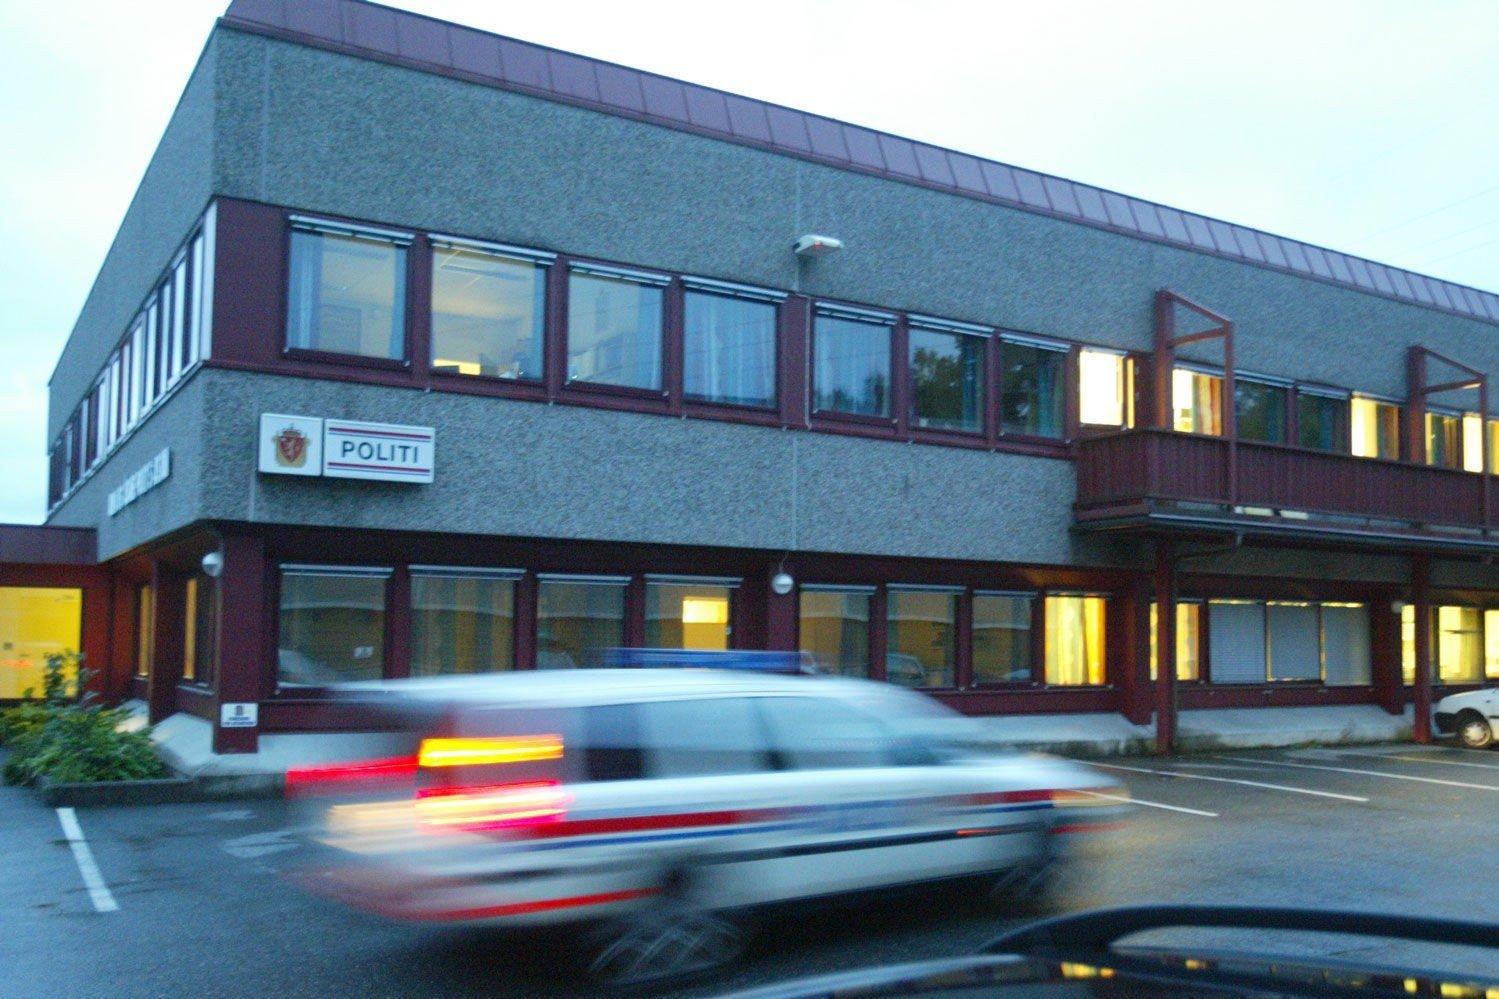 UFINT MØTE: Det var inne på politistasjonen i Åsane at skjellsordene haglet mot politibetjenten.